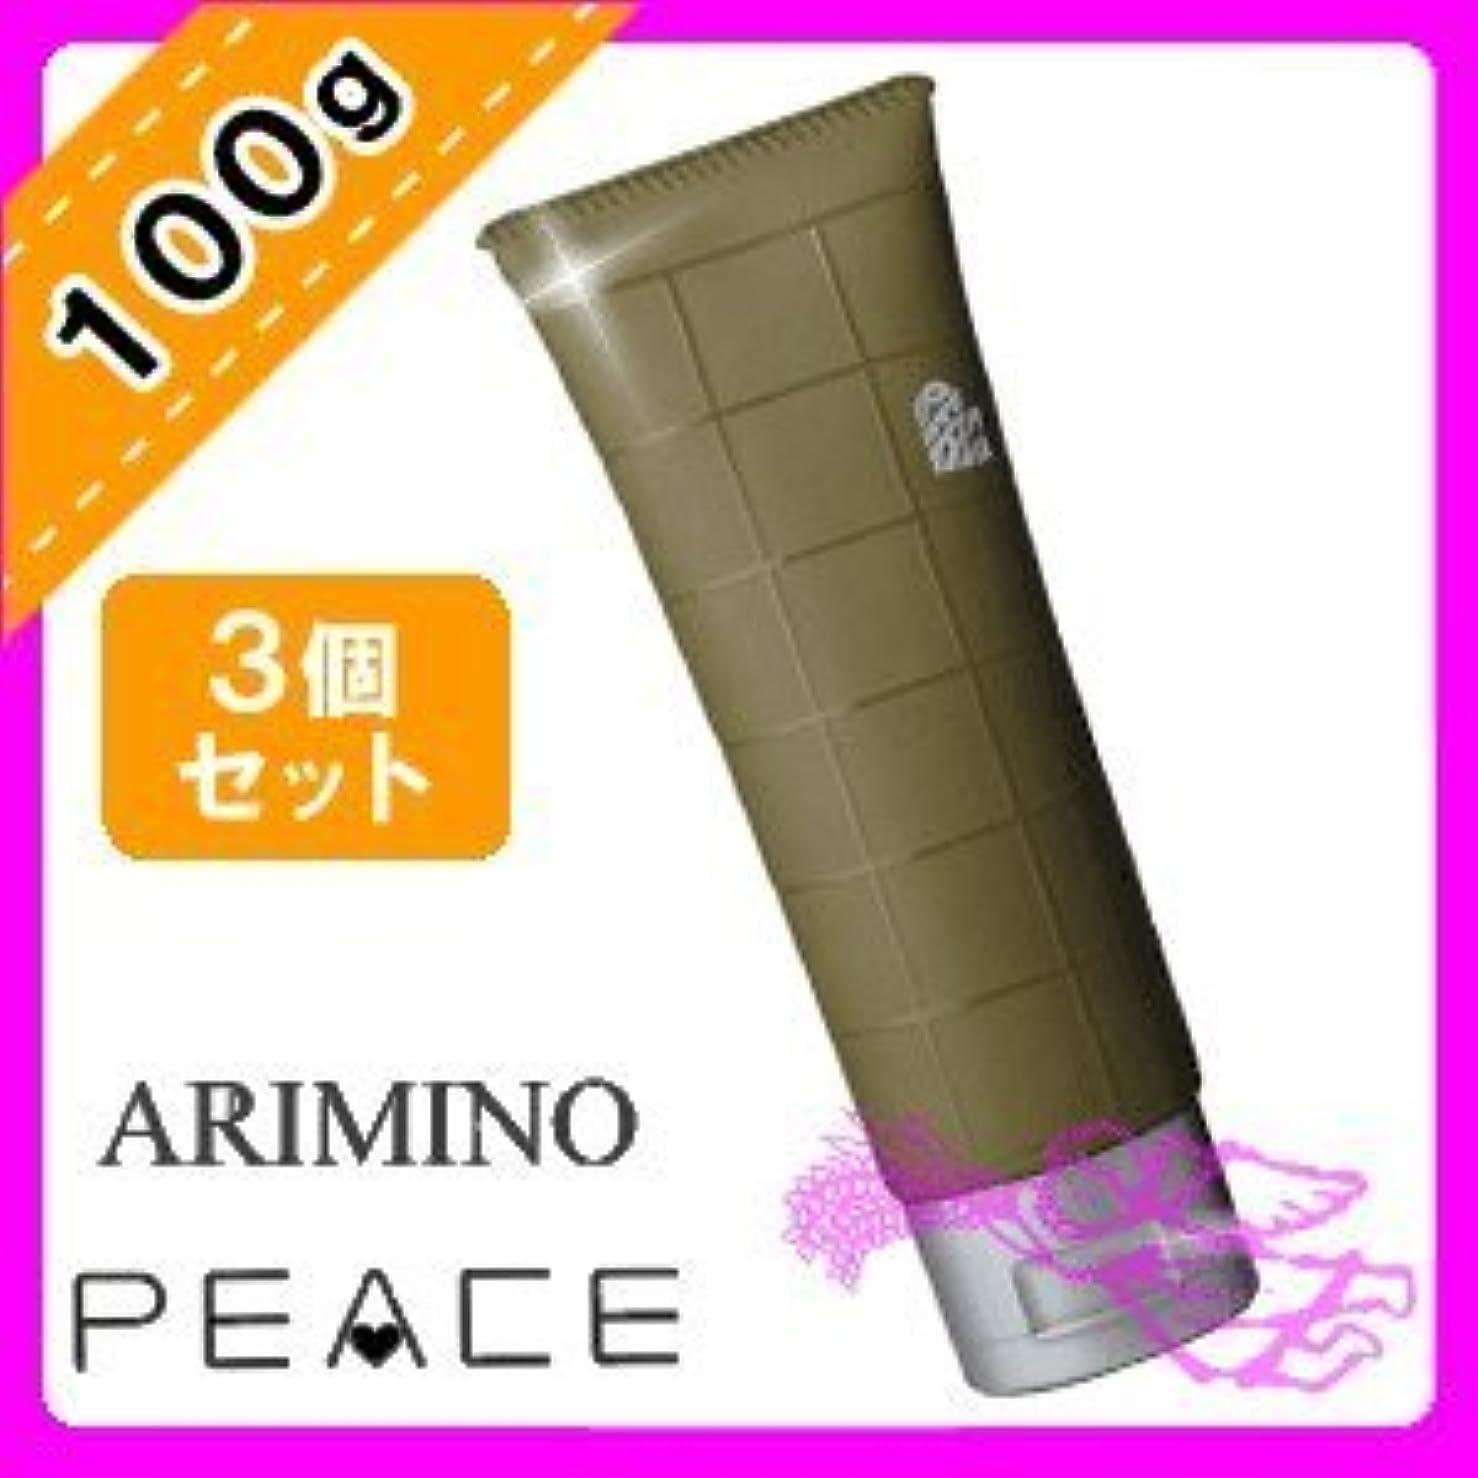 運命資料並外れたアリミノ ピース ウェットオイル ワックス 100g ×3個セット arimino PEACE